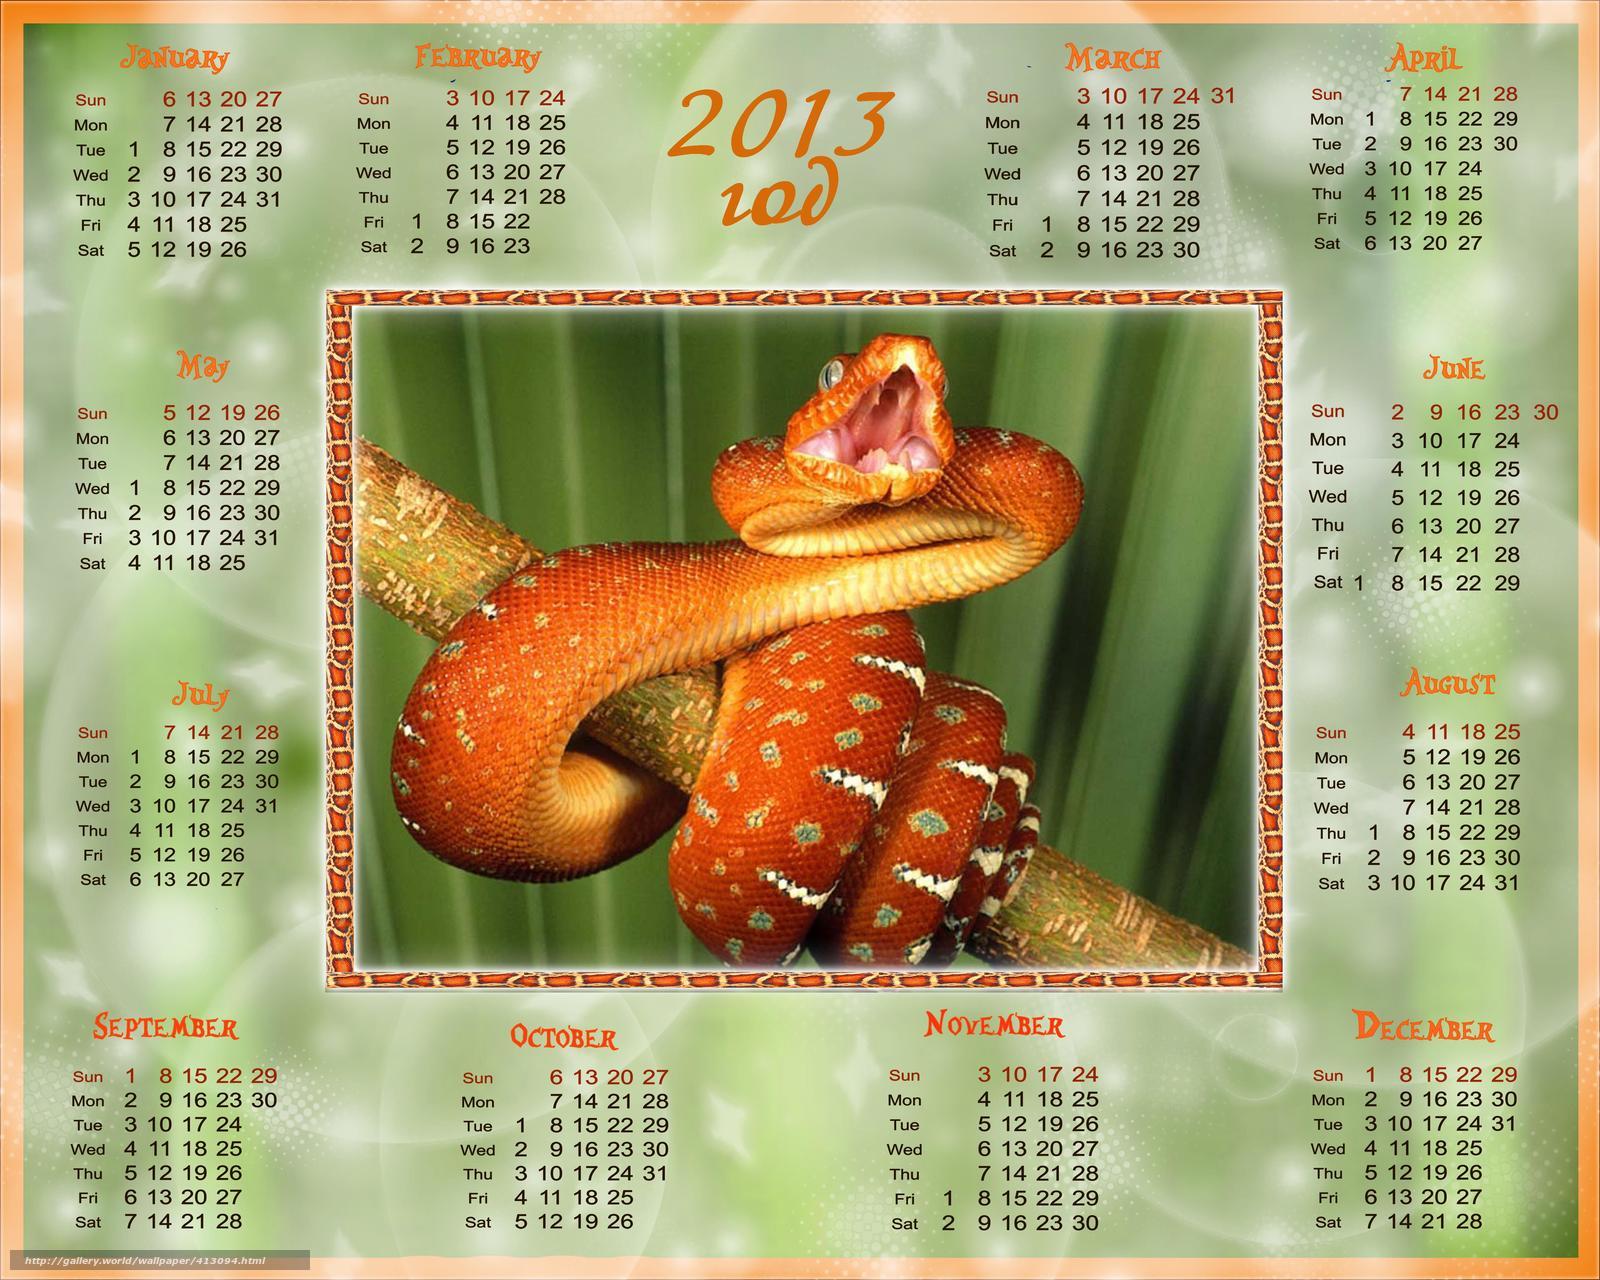 Скачать Календарь на 2013 год - змея атакует.  272. Фотошоп календари 2013 год.